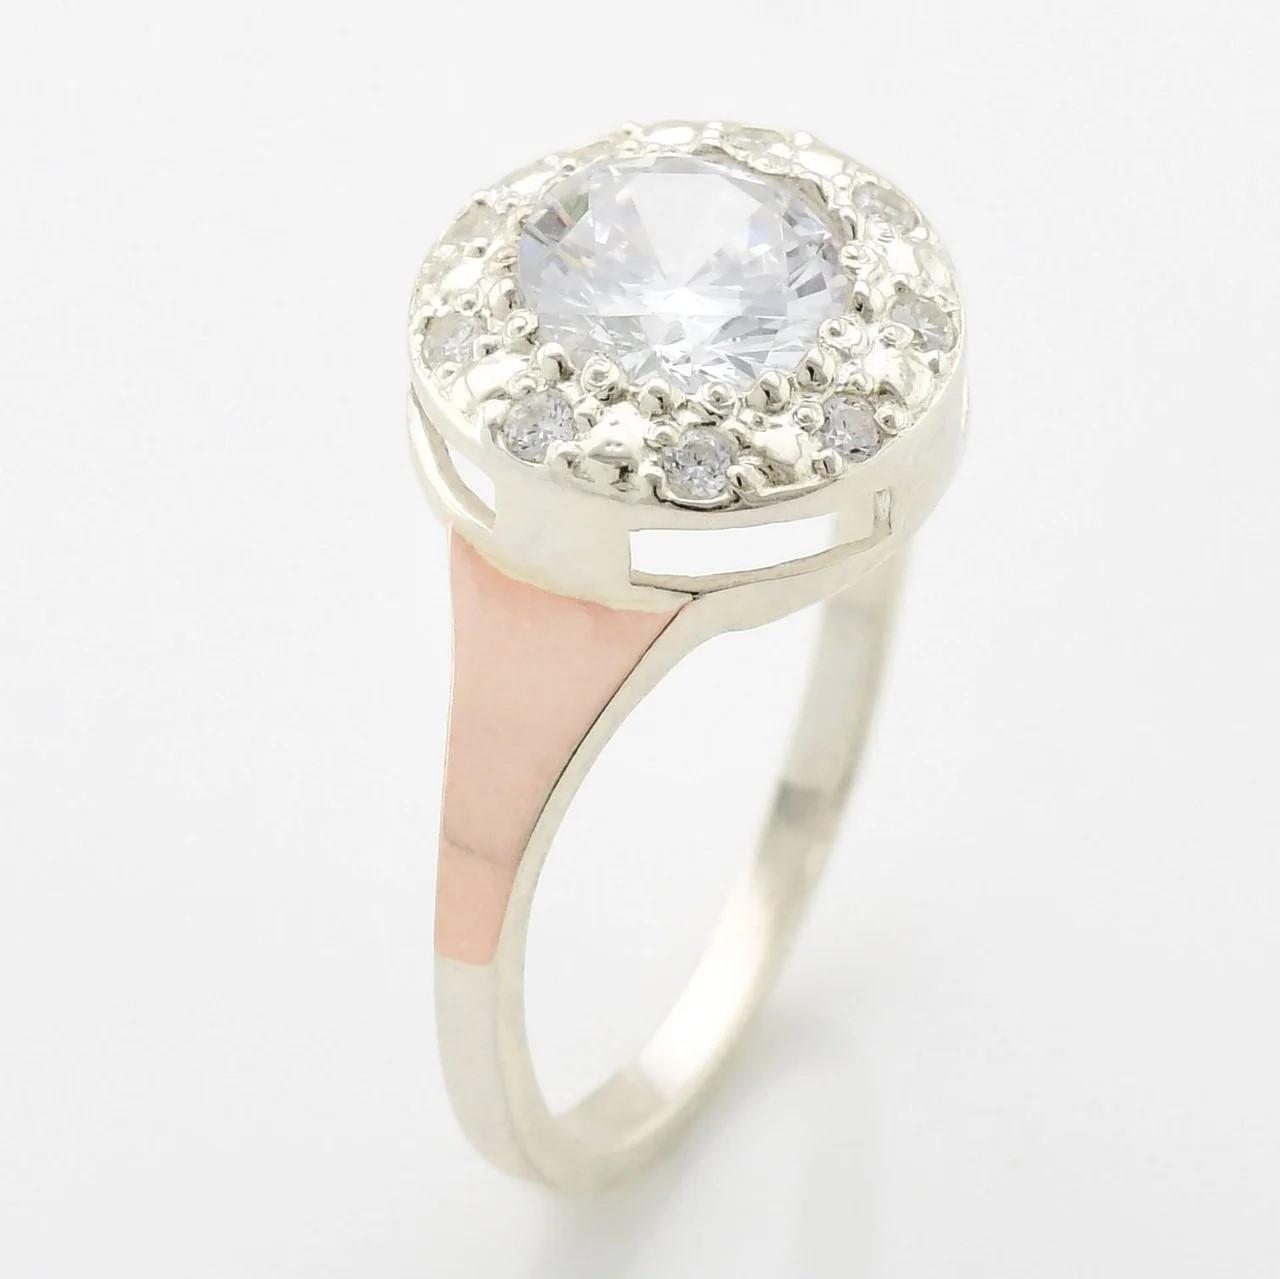 Серебряное кольцо с золотом Олеся вставка белые фианиты вес 3.15 г размер 20